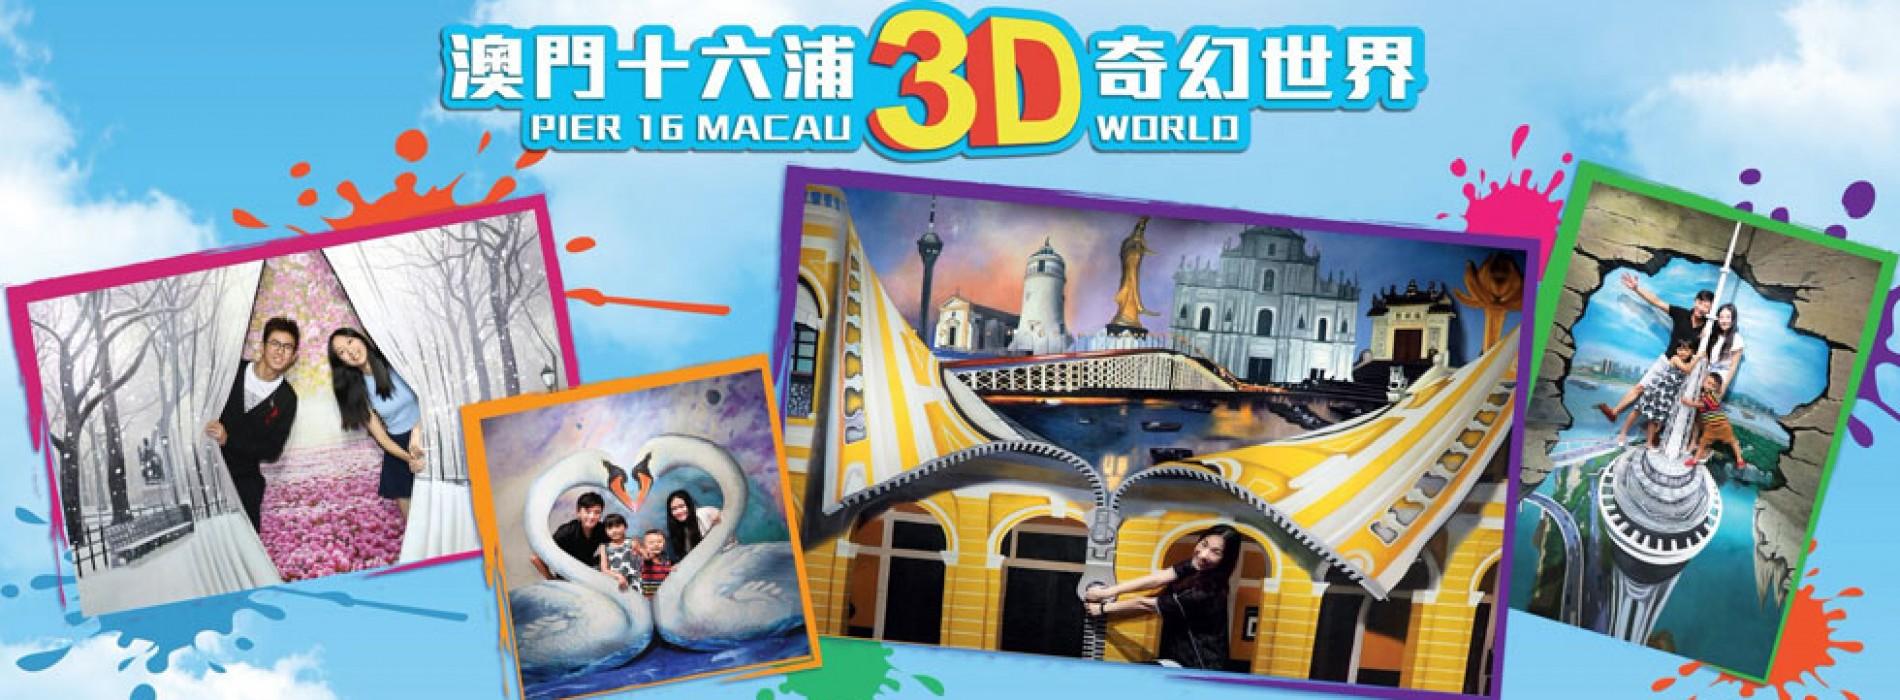 Macao's brings first 3D museum 'Pier 16 Macau 3D World'